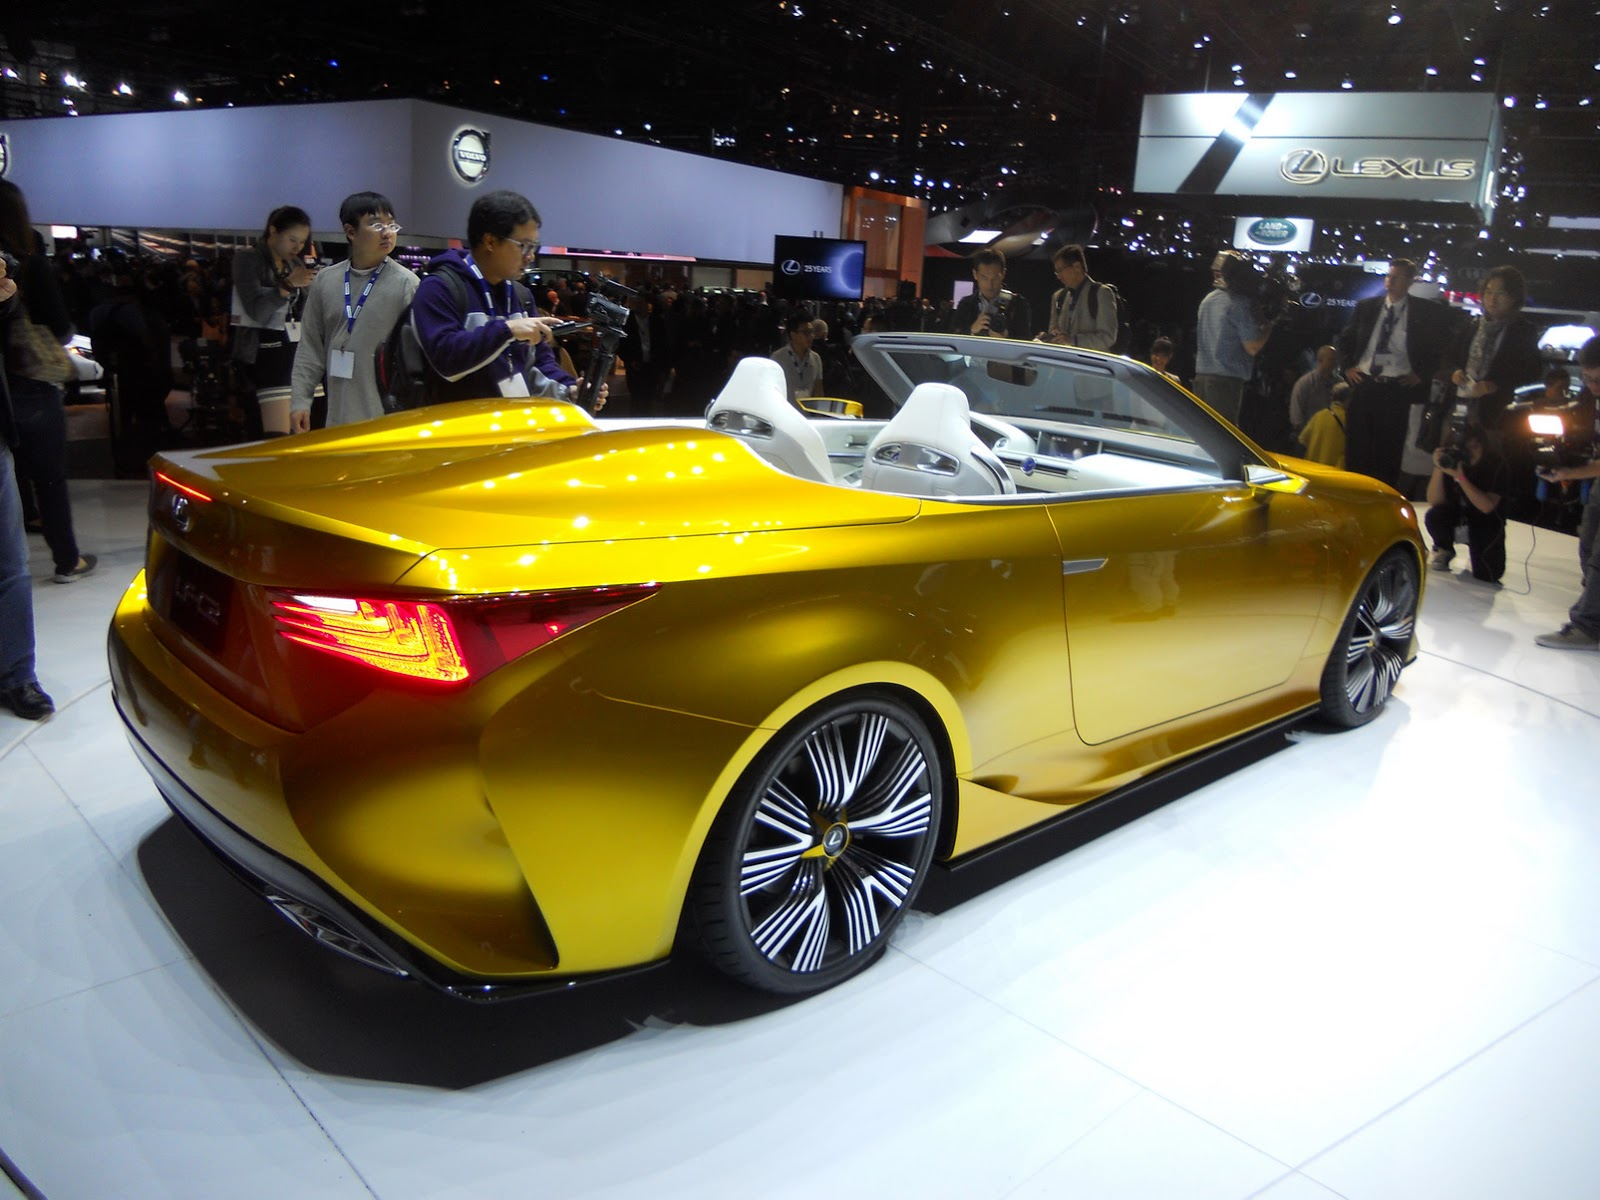 http://2.bp.blogspot.com/-RwwcO6il_h8/VG33TC5JUaI/AAAAAAAAbSI/i5qo8kTjXMk/s1600/Lexus-LF-C2-4Concept-.jpg